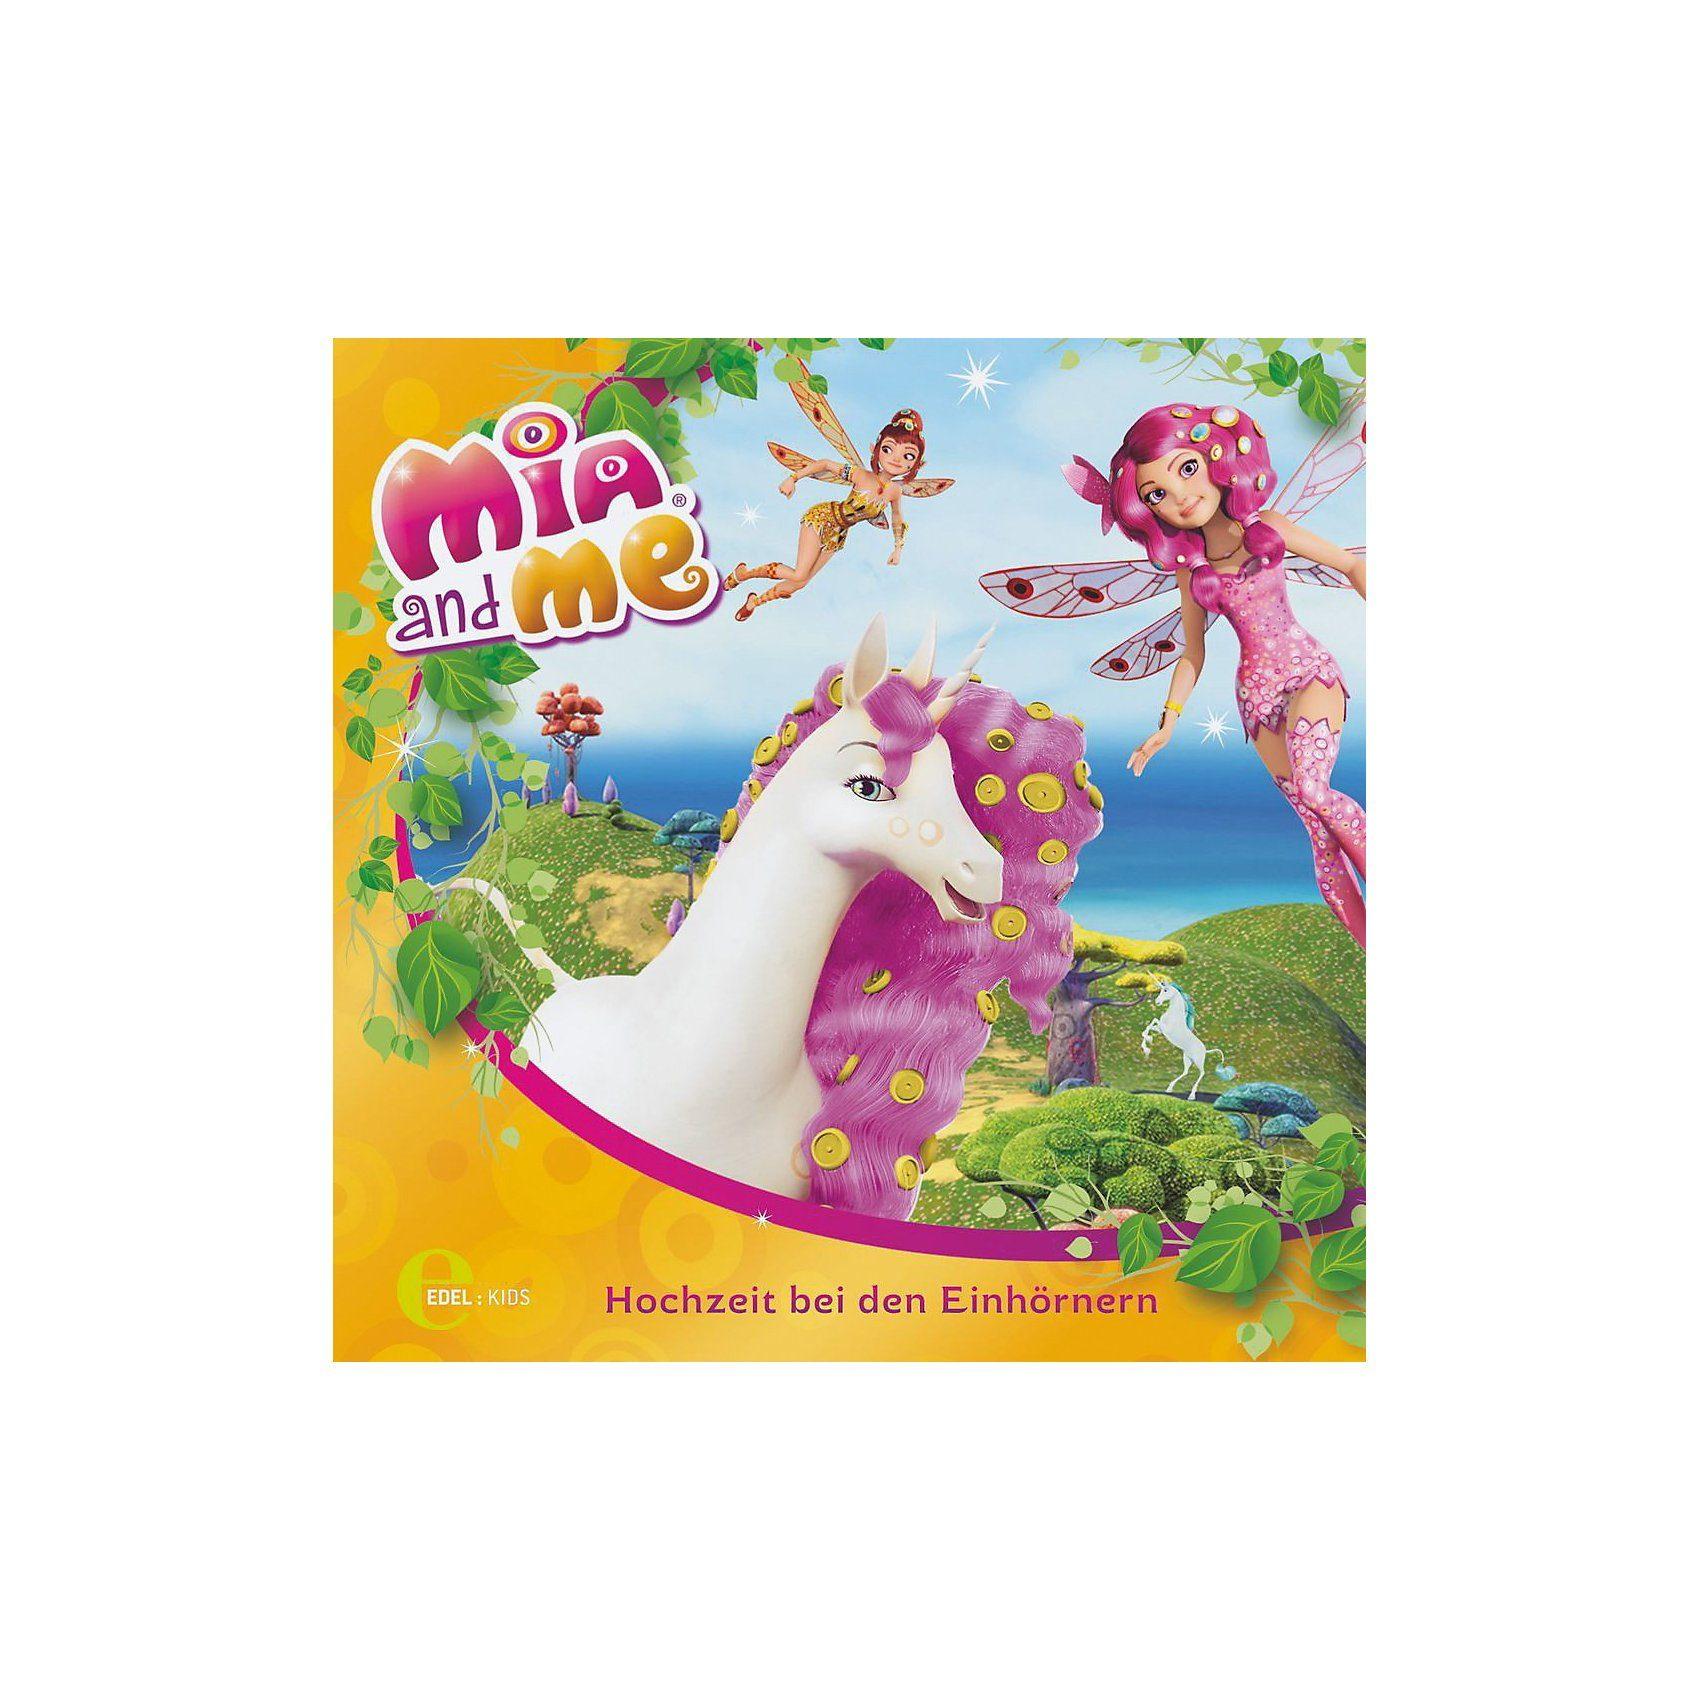 Edel CD Mia And Me 02 - Hochzeit bei den Einhörnern